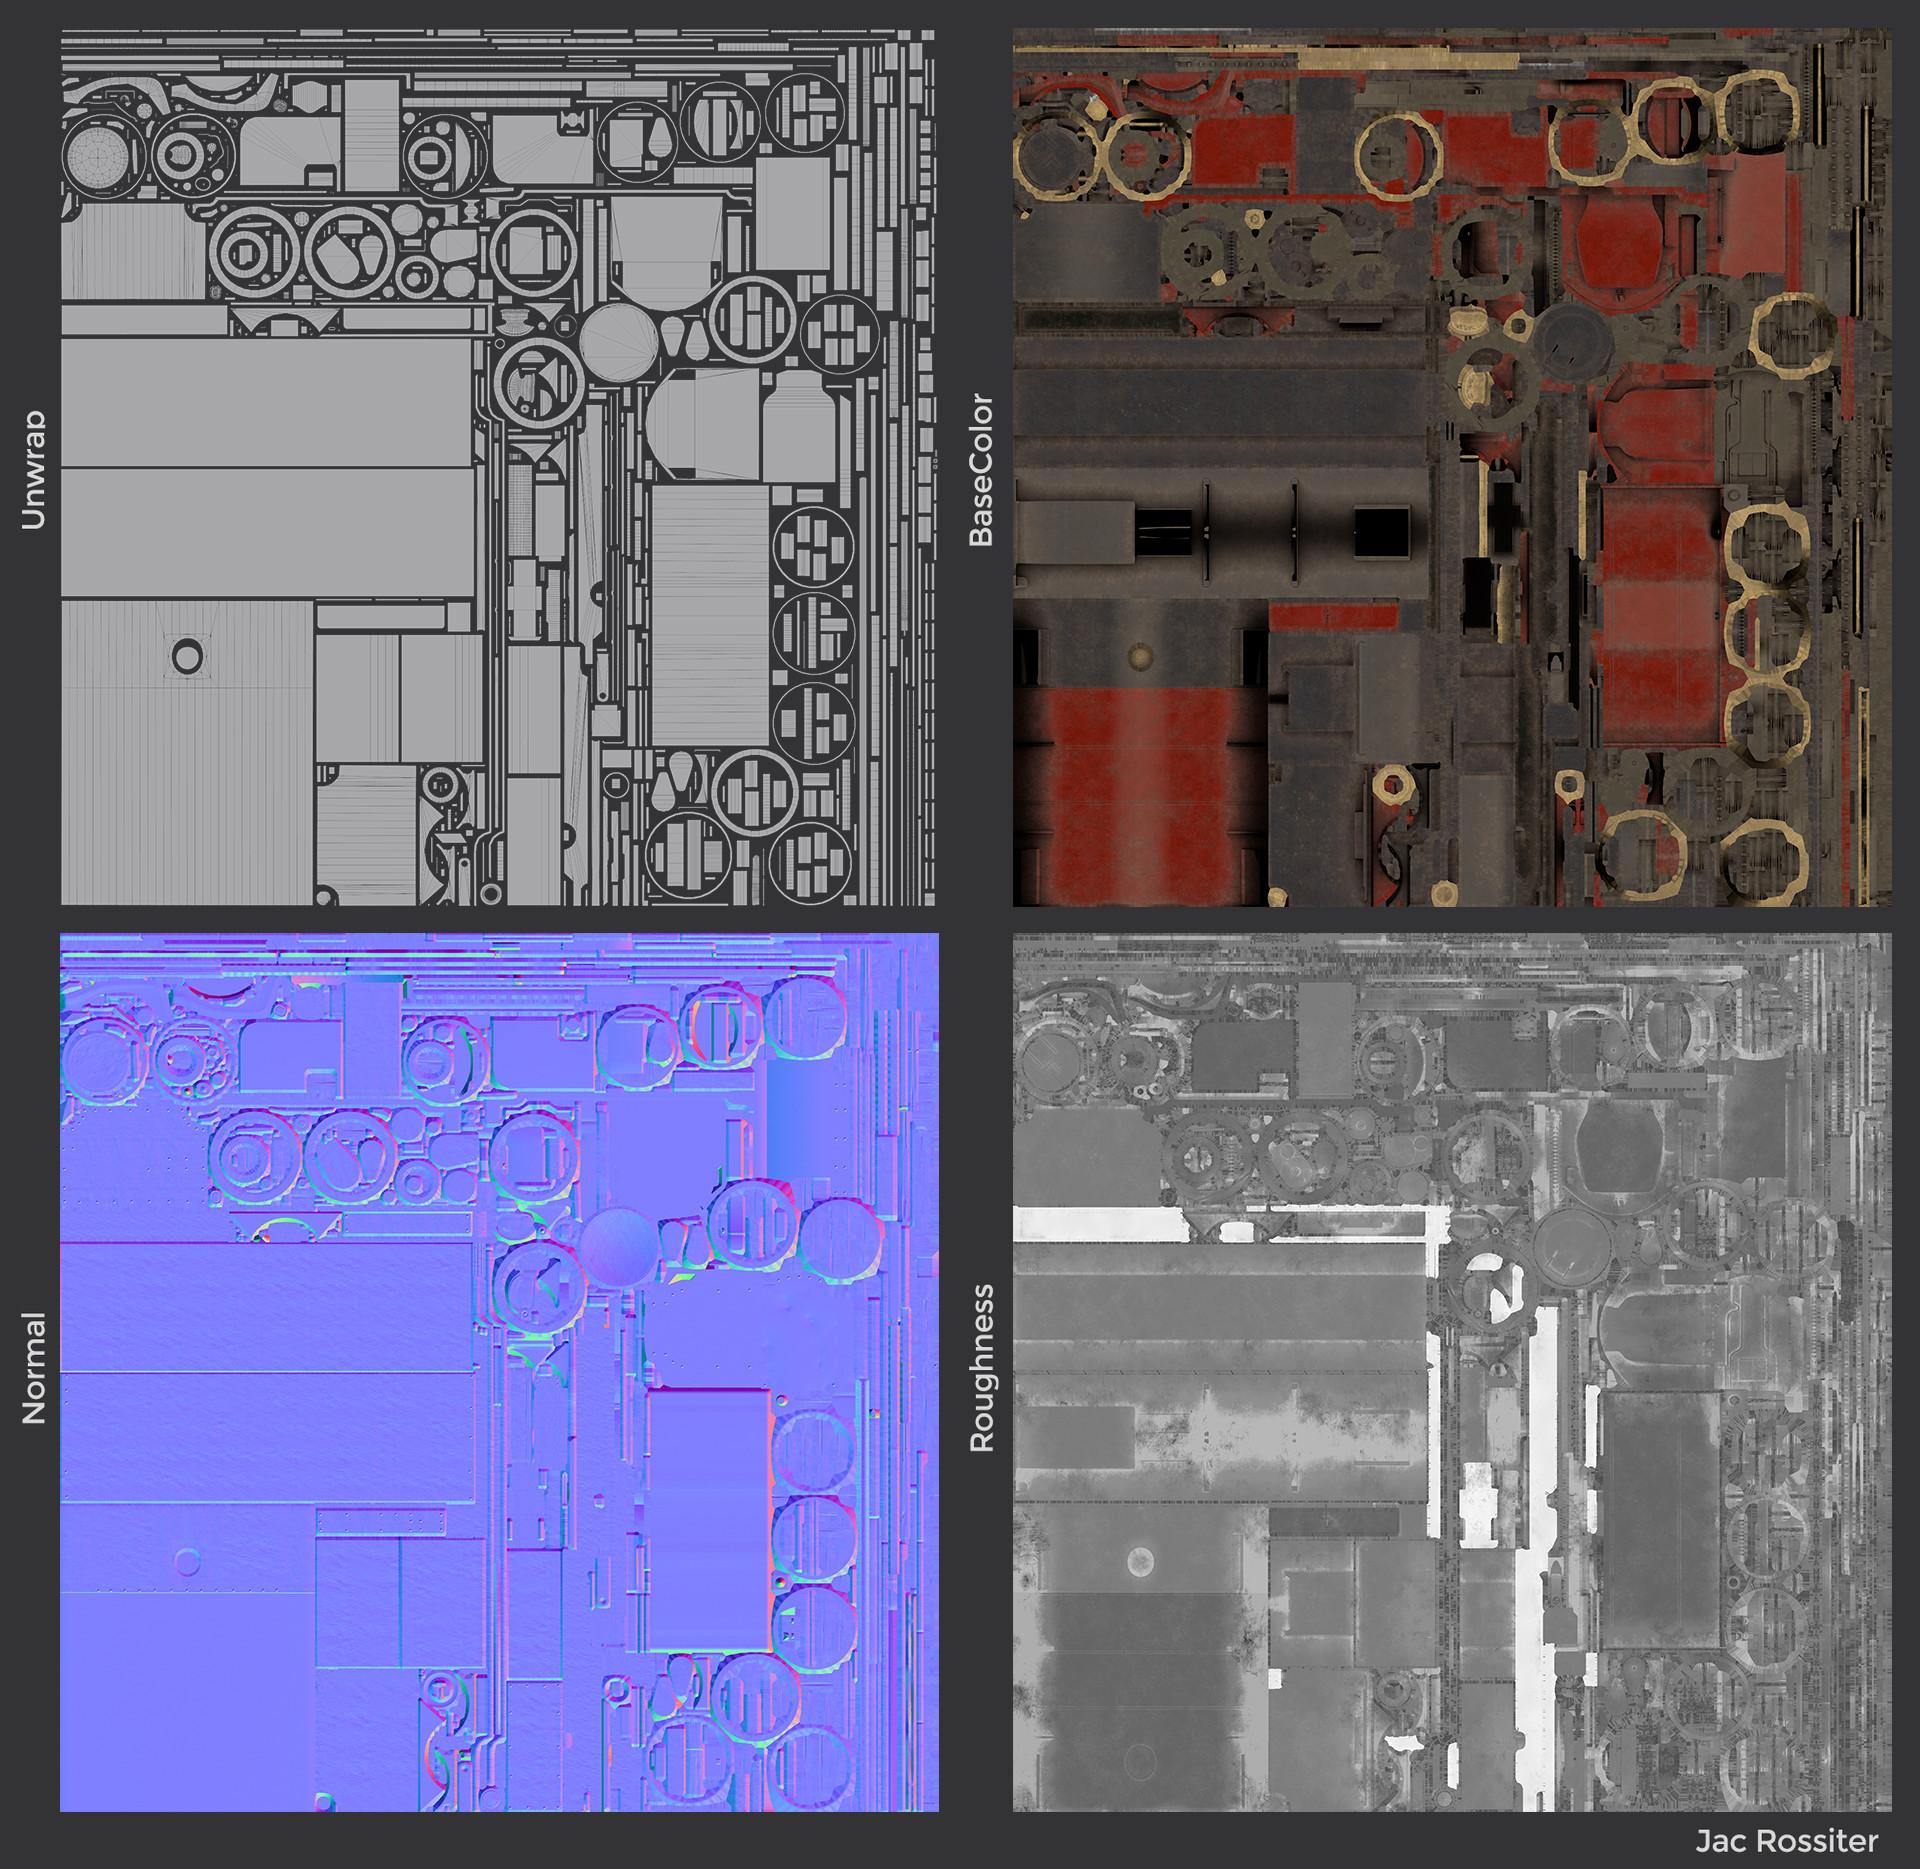 Jac rossiter texture sheet